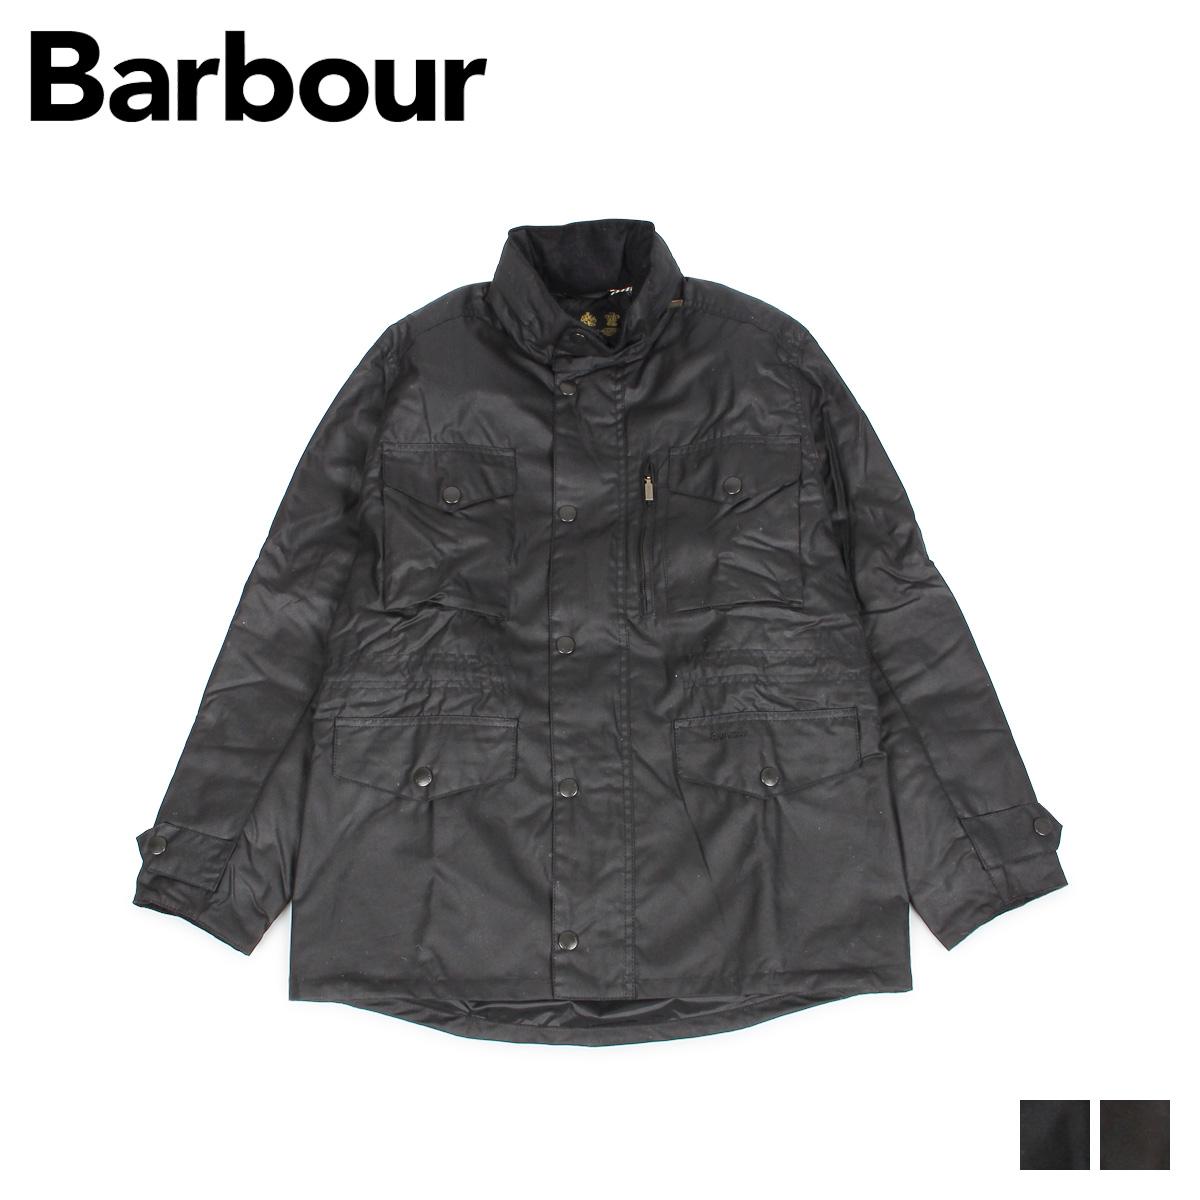 バブアー Barbour ジャケット オイルドジャケット ワックス メンズ SAPPER WAX JACKET ブラック オリーブ 黒 MWX0020